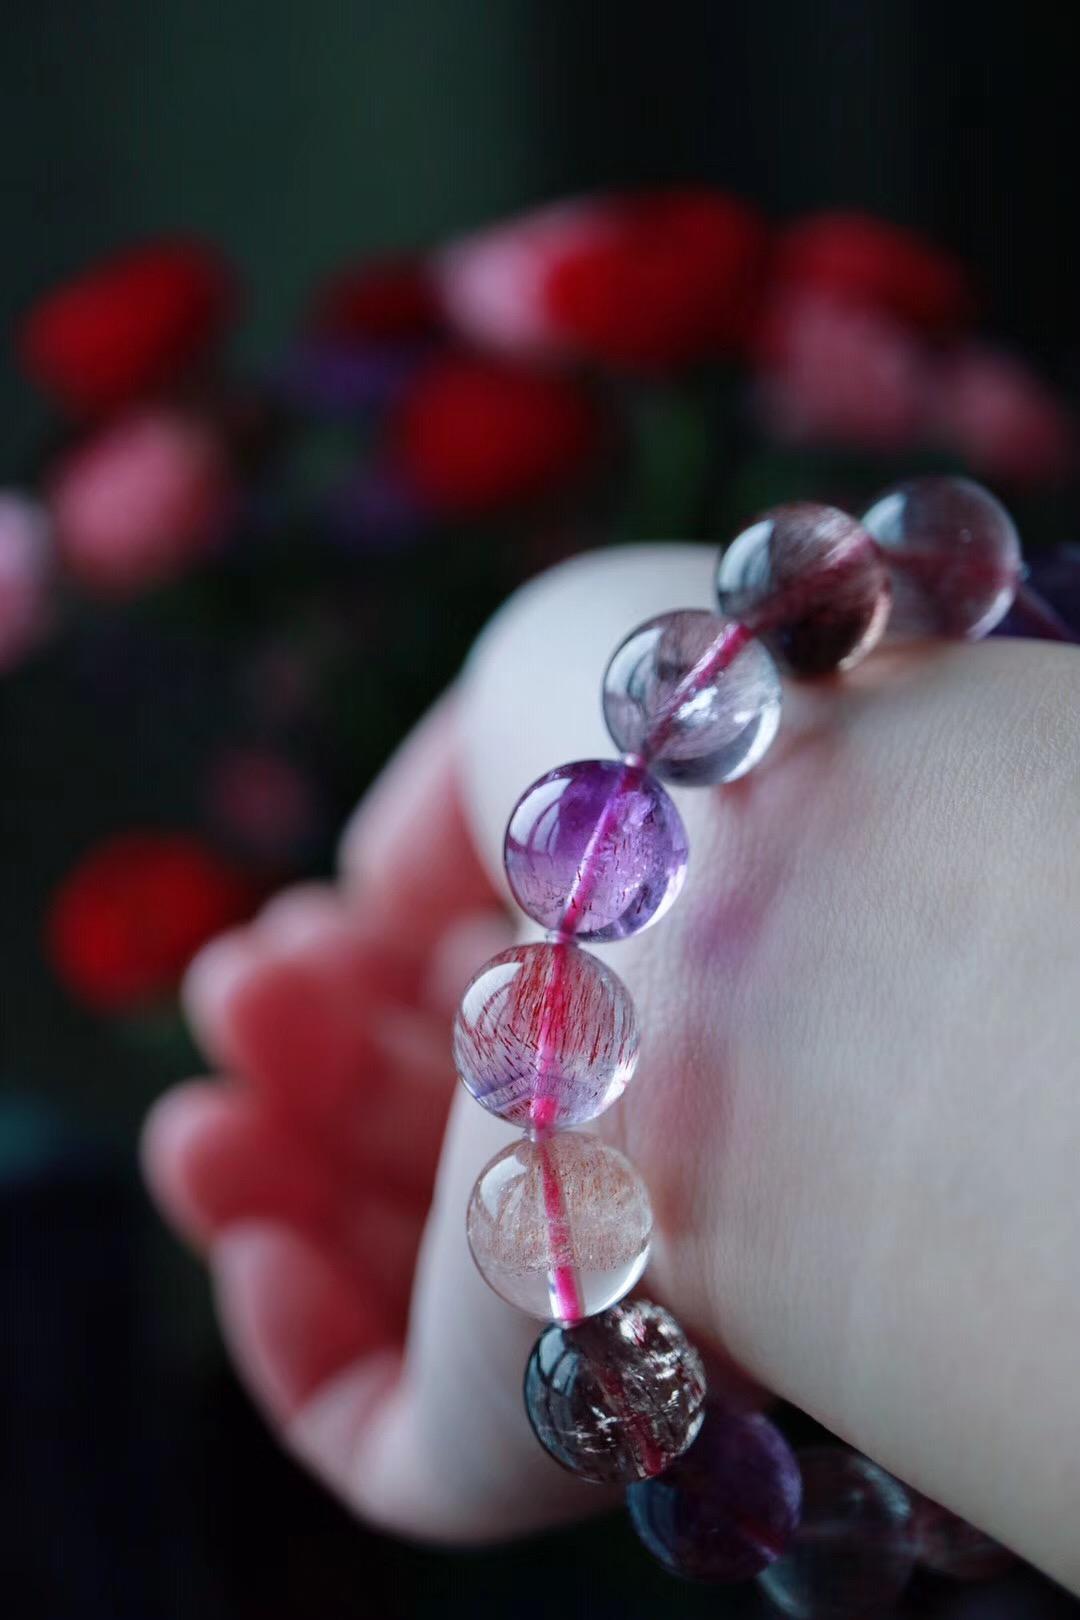 【菩心三轮骨干紫发晶】超七紫发晶极具灵性,可以缓解精神上的疲劳-菩心晶舍